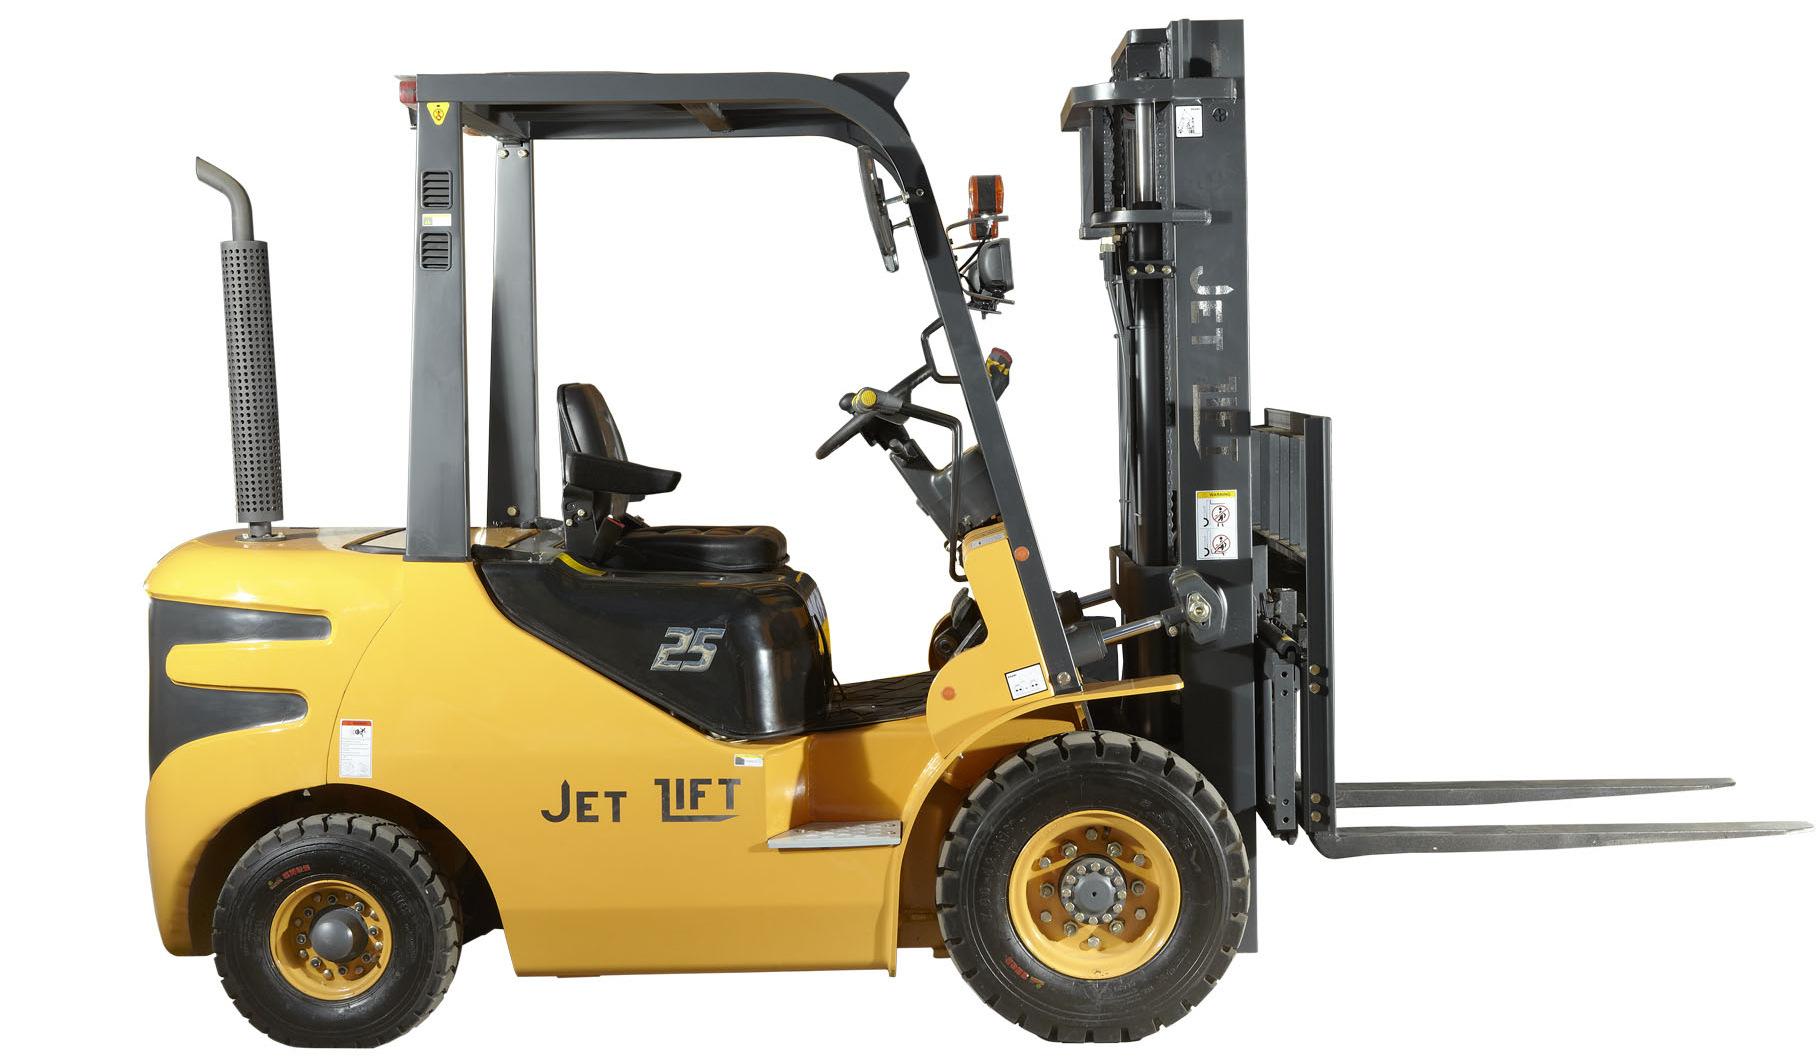 Jetlift Forklift